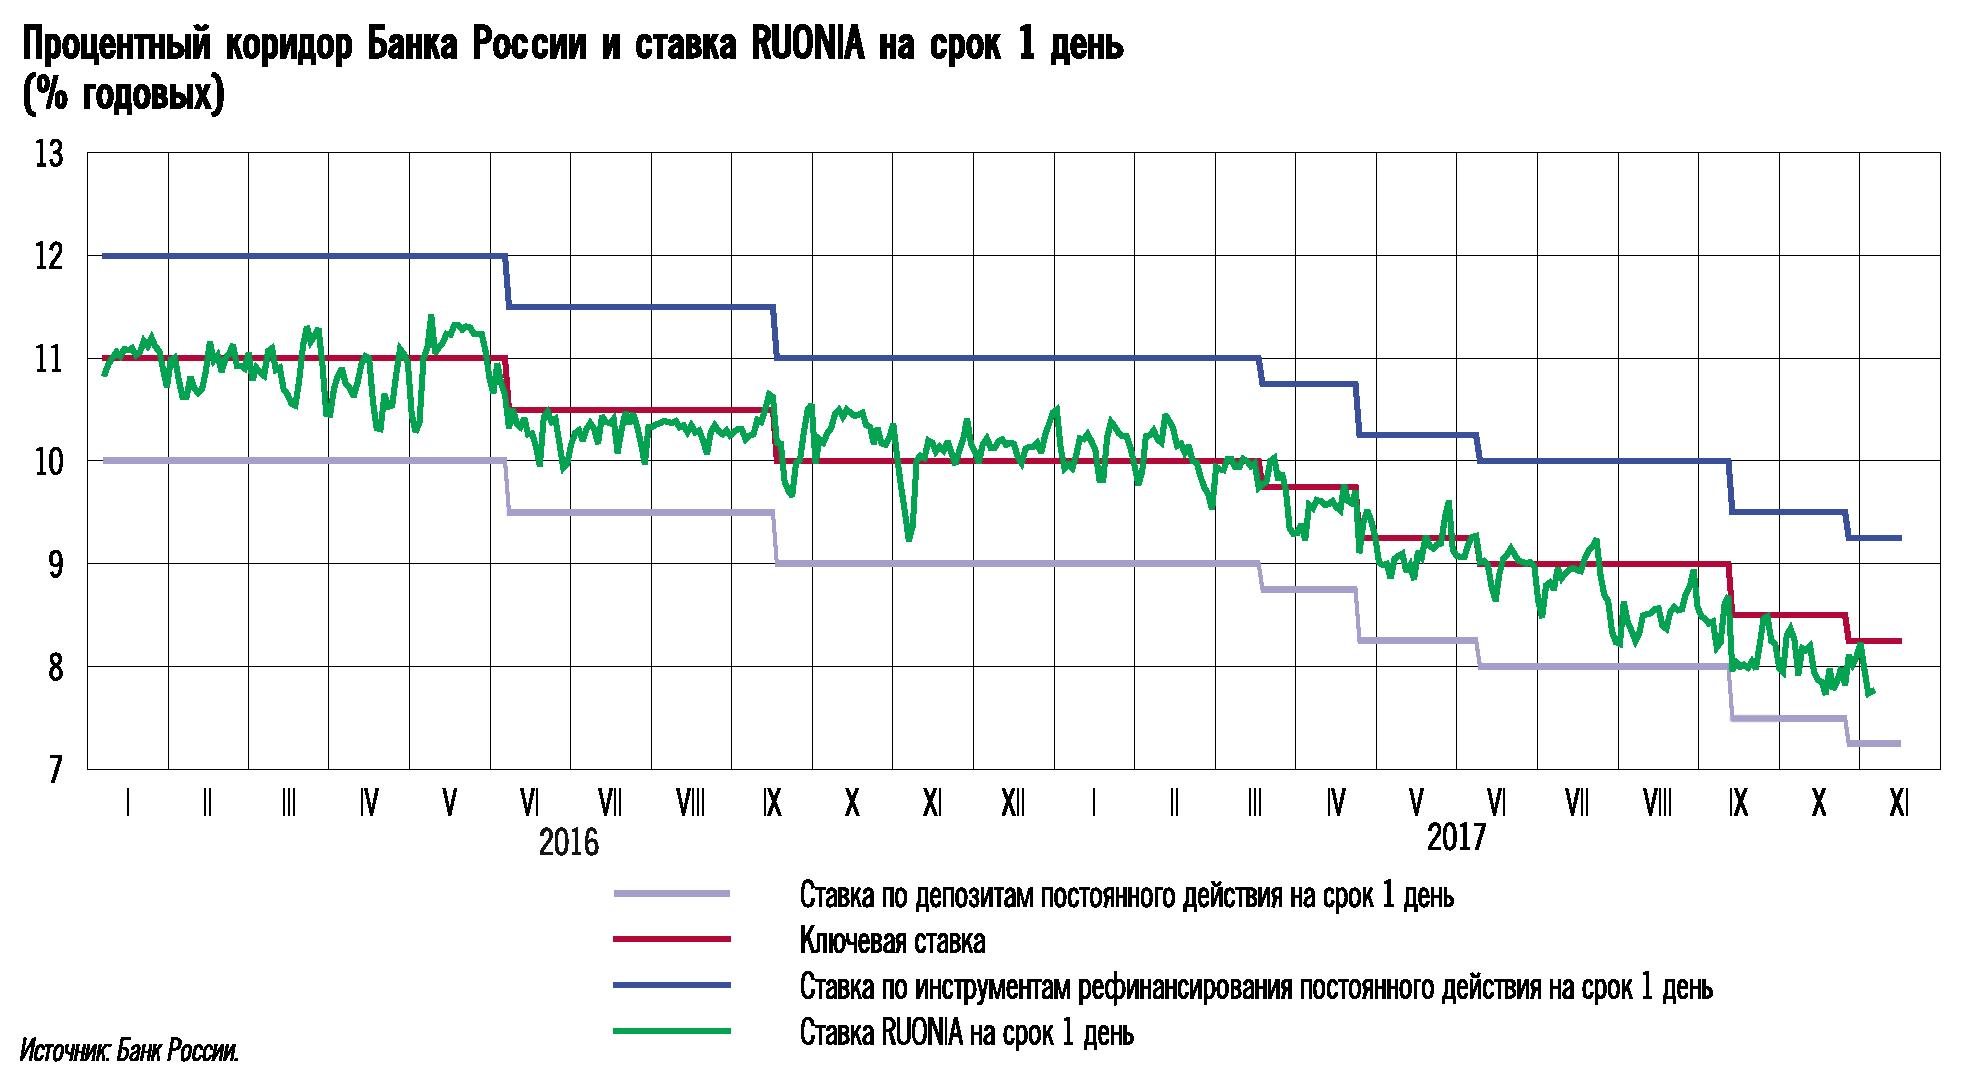 максимальная процентная ставка на сайте банка россии